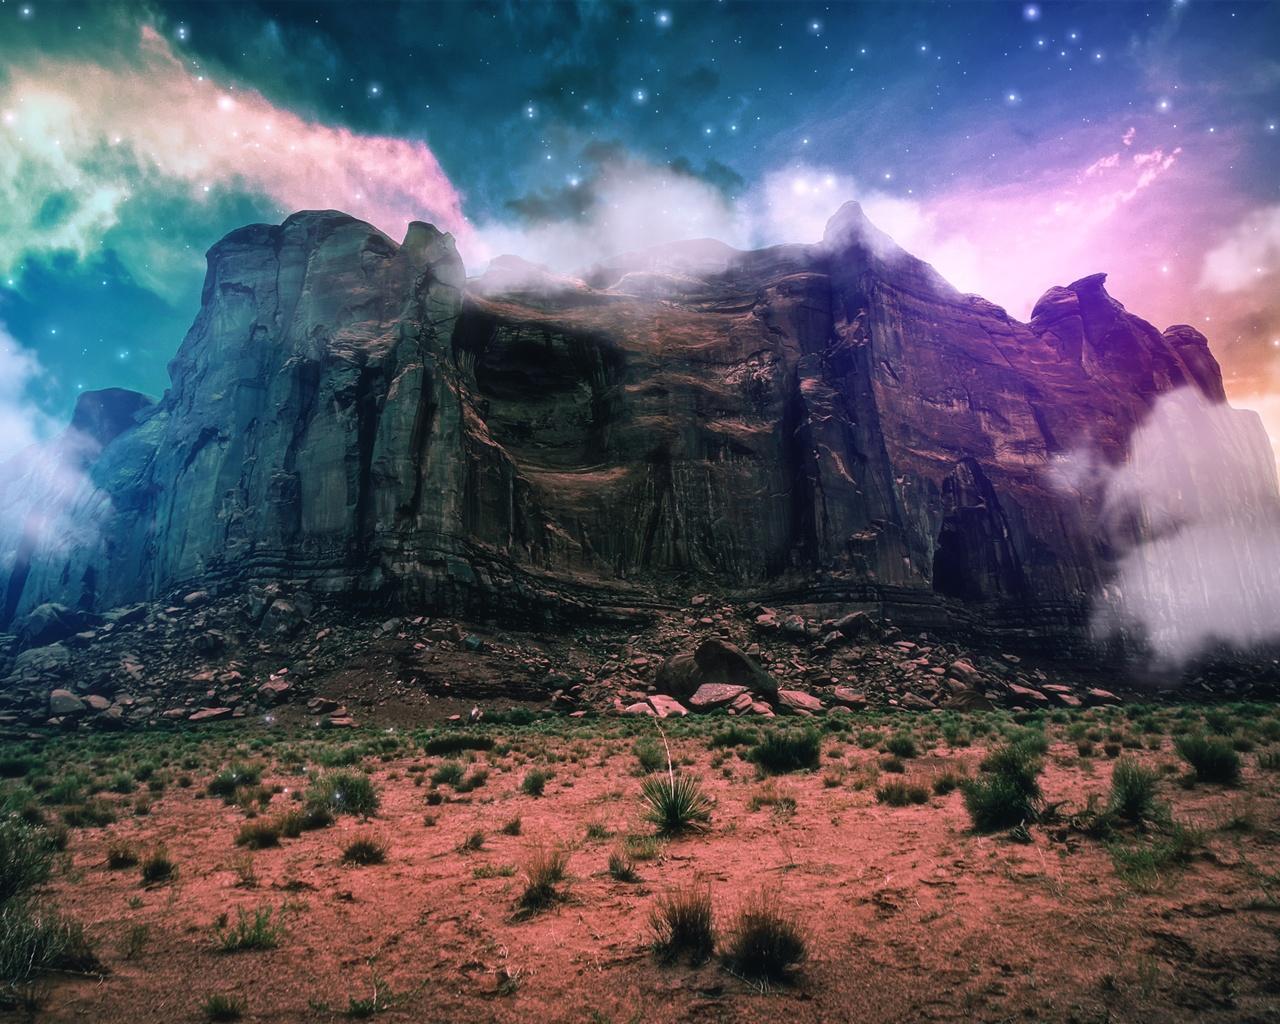 Paysage d 39 imagination cr atif montagne falaise nuages for Paysage espace